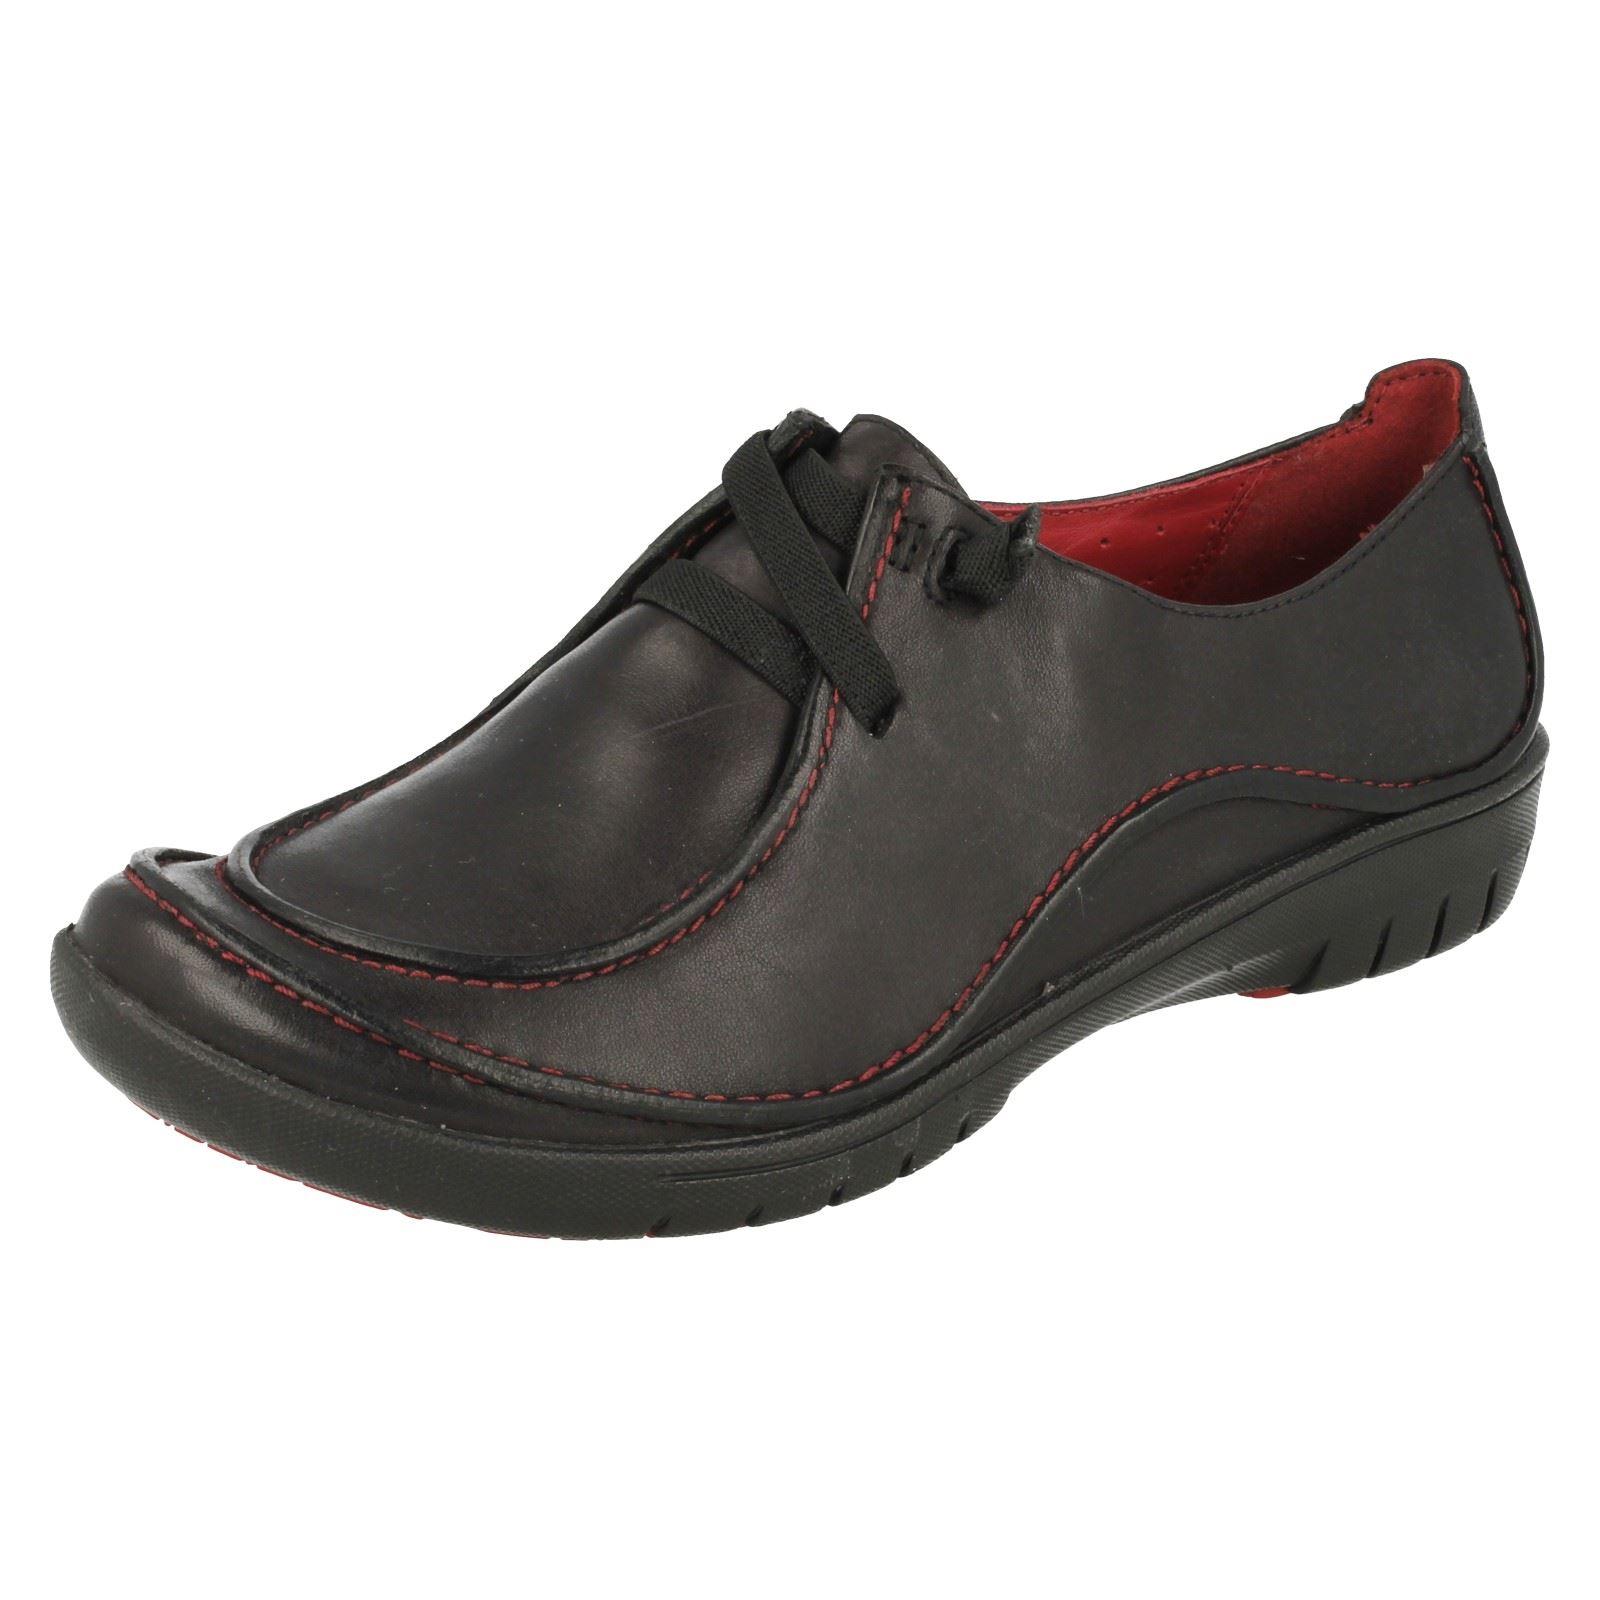 Damas Clarks Zapatos Informales Slip On, Casa de las Naciones Unidas